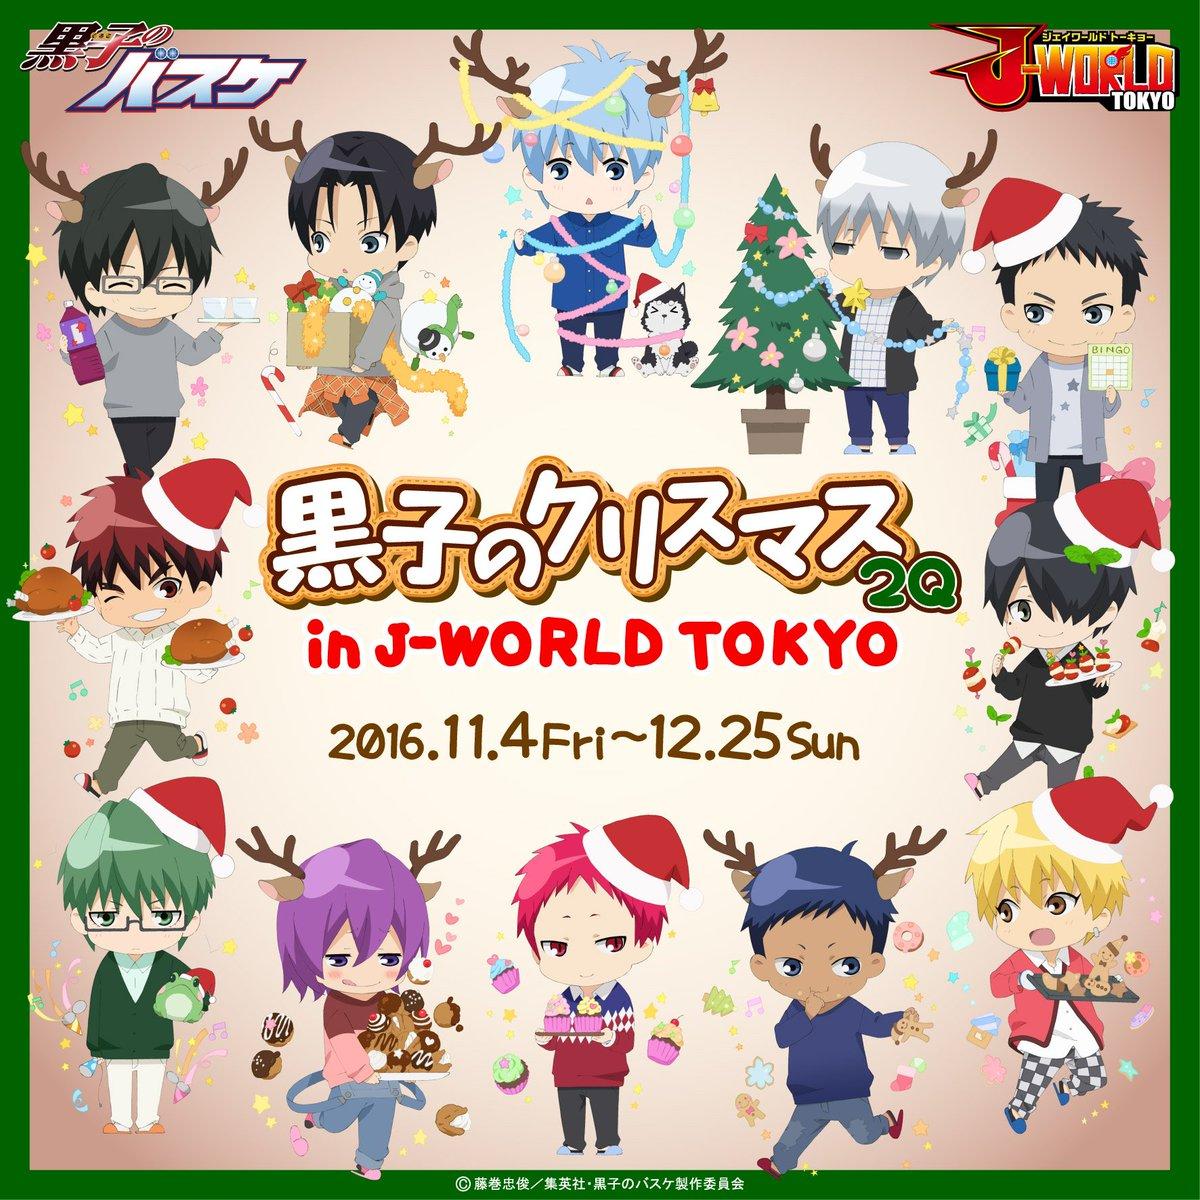 【J-WORLD】黒子のクリスマス2Q in J-WORLD TOKYOの特設ページが公開! 描きおろしイラストを使った可愛いグッズや景品が登場!クリスマスジオラマやチャームはつなげるとパーティー会場になります☆ event.namco.co.jp/j-world/kuroba… #kurobas